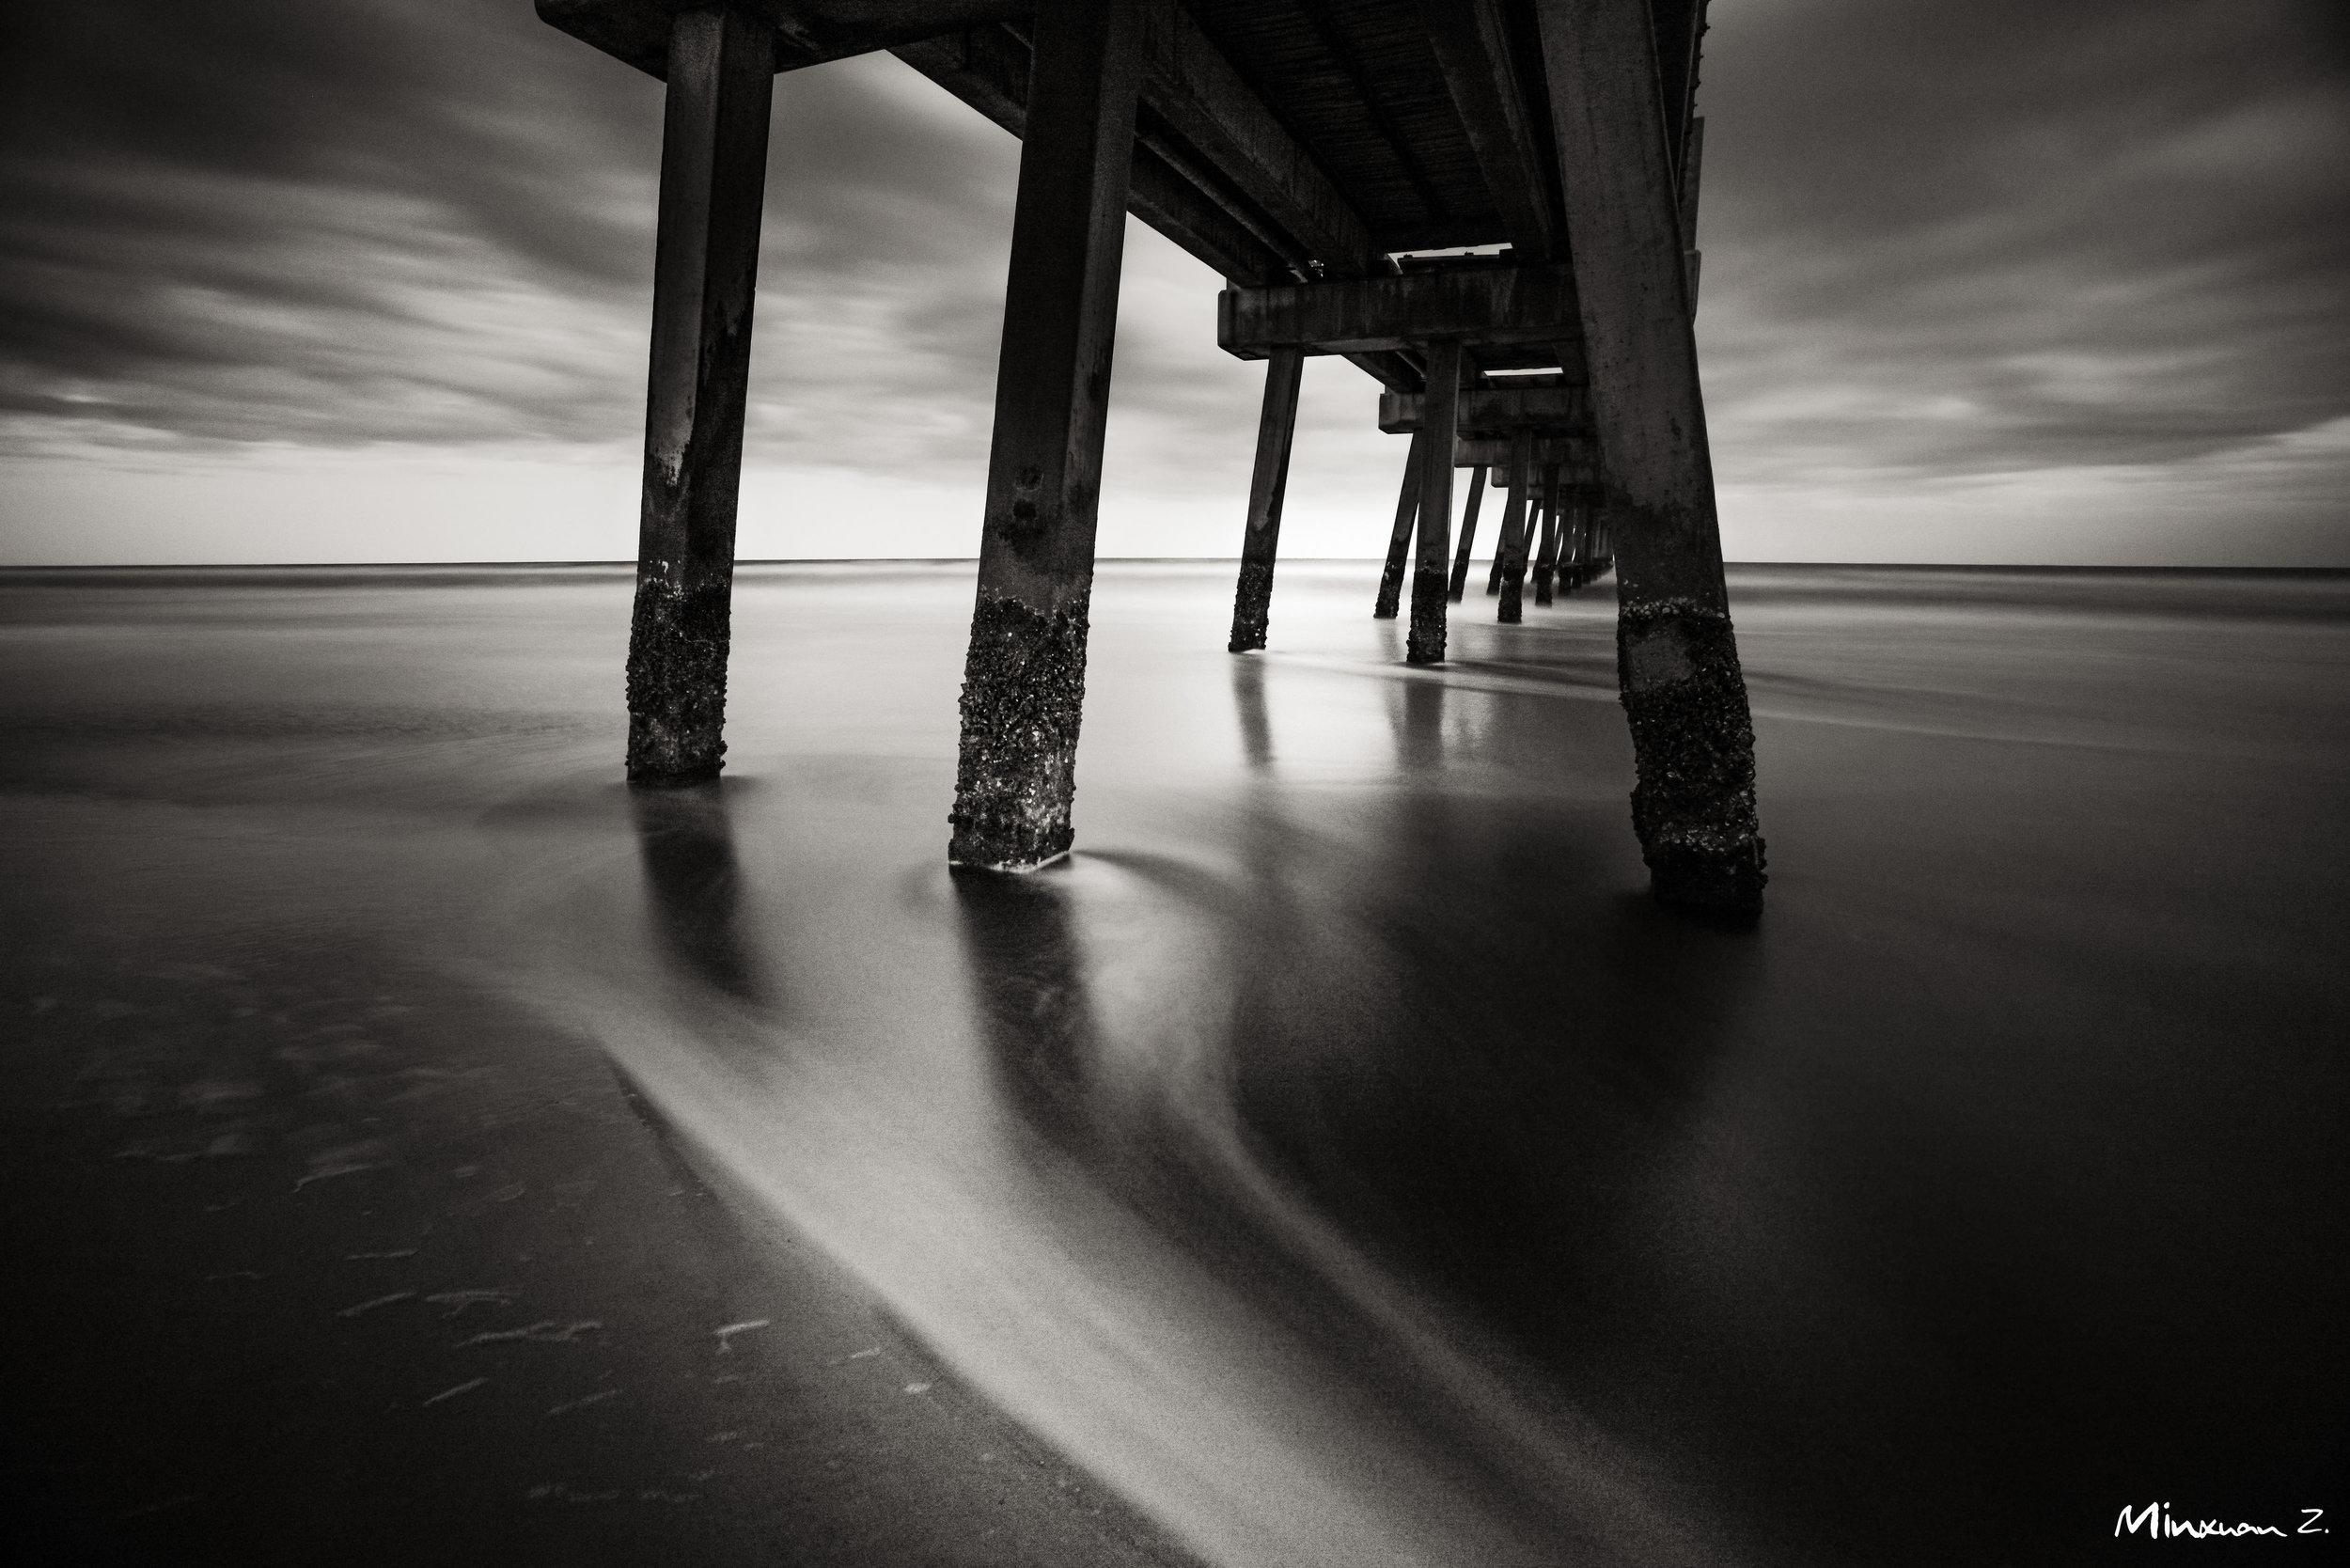 The Pier I